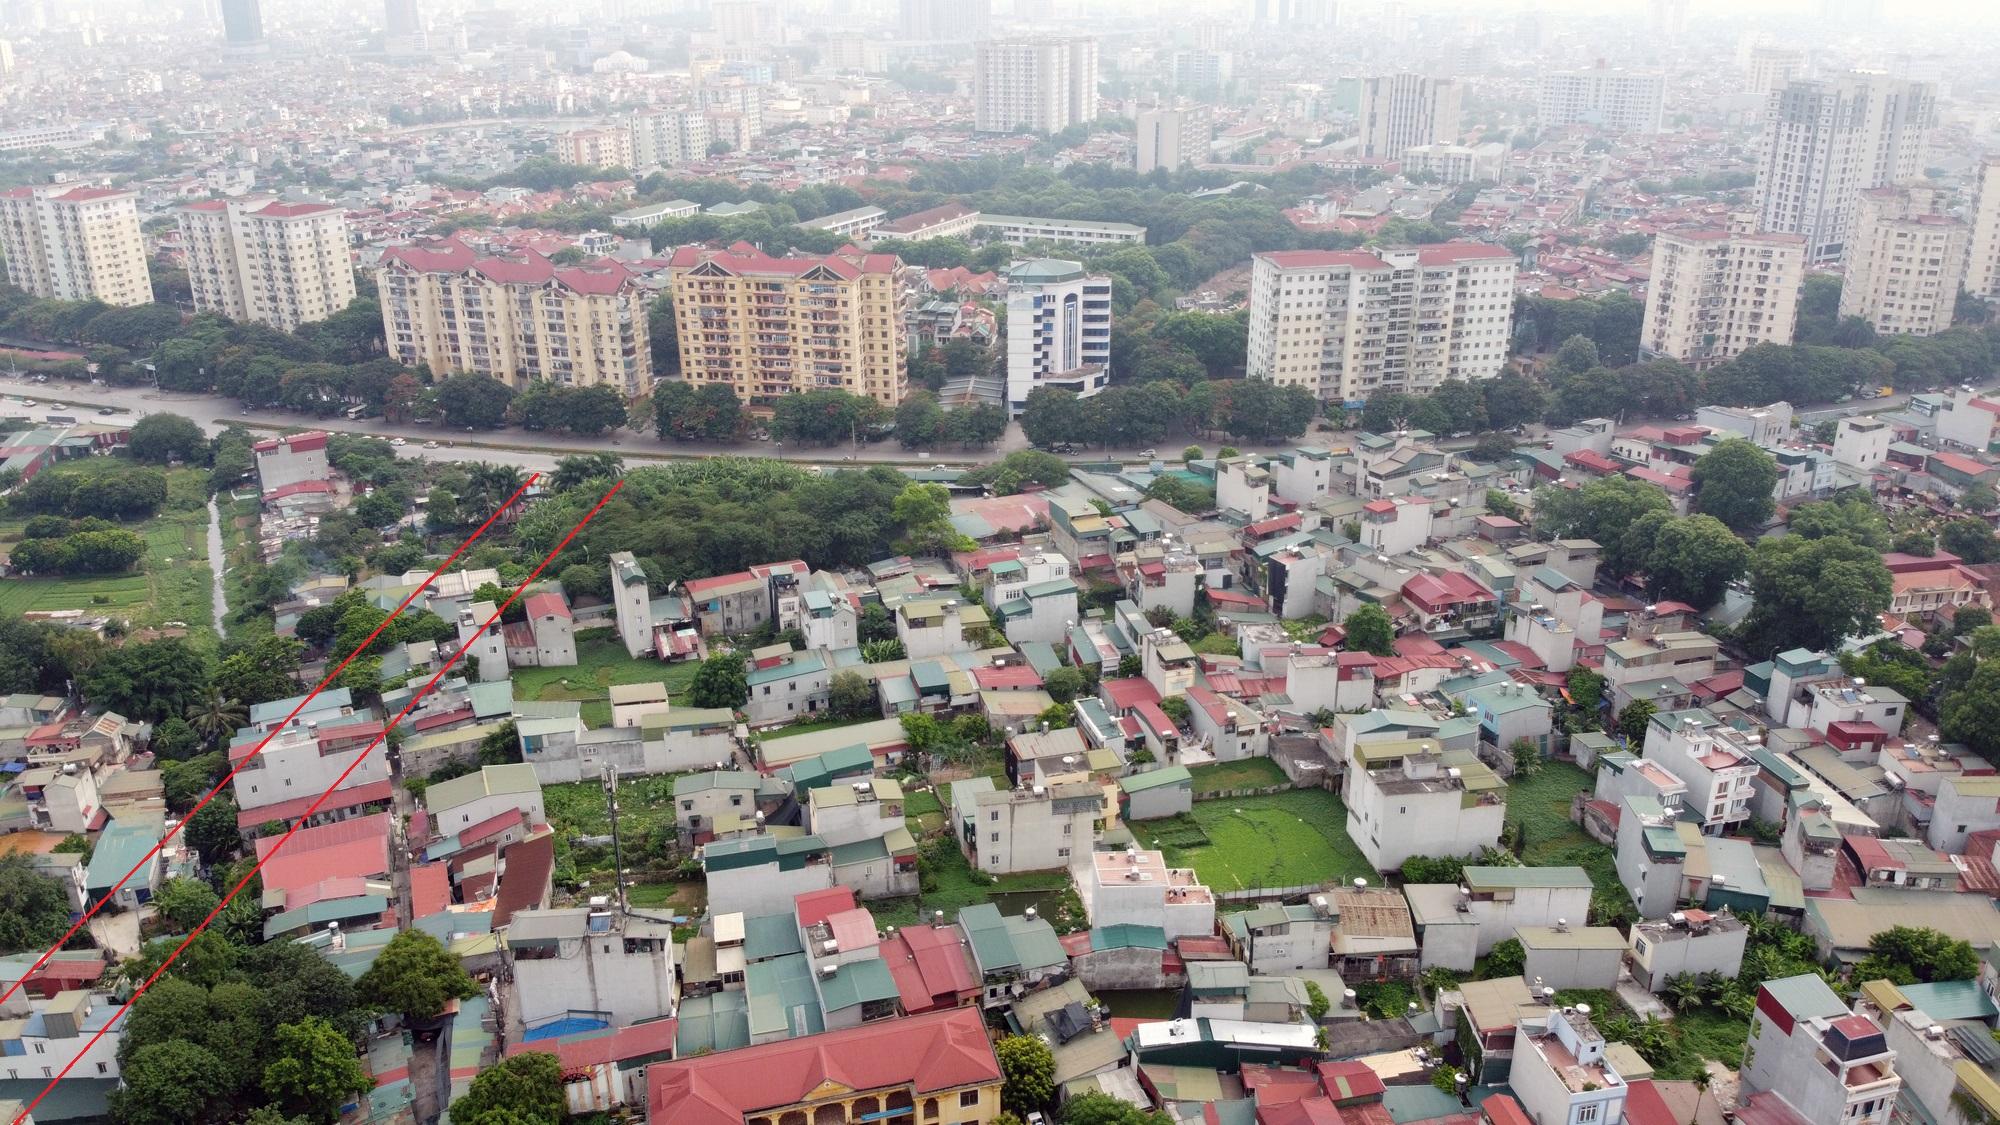 đường sẽ mở theo qui hoạch ở phường Định Công, Hoàng Mai, Hà Nội - Ảnh 3.